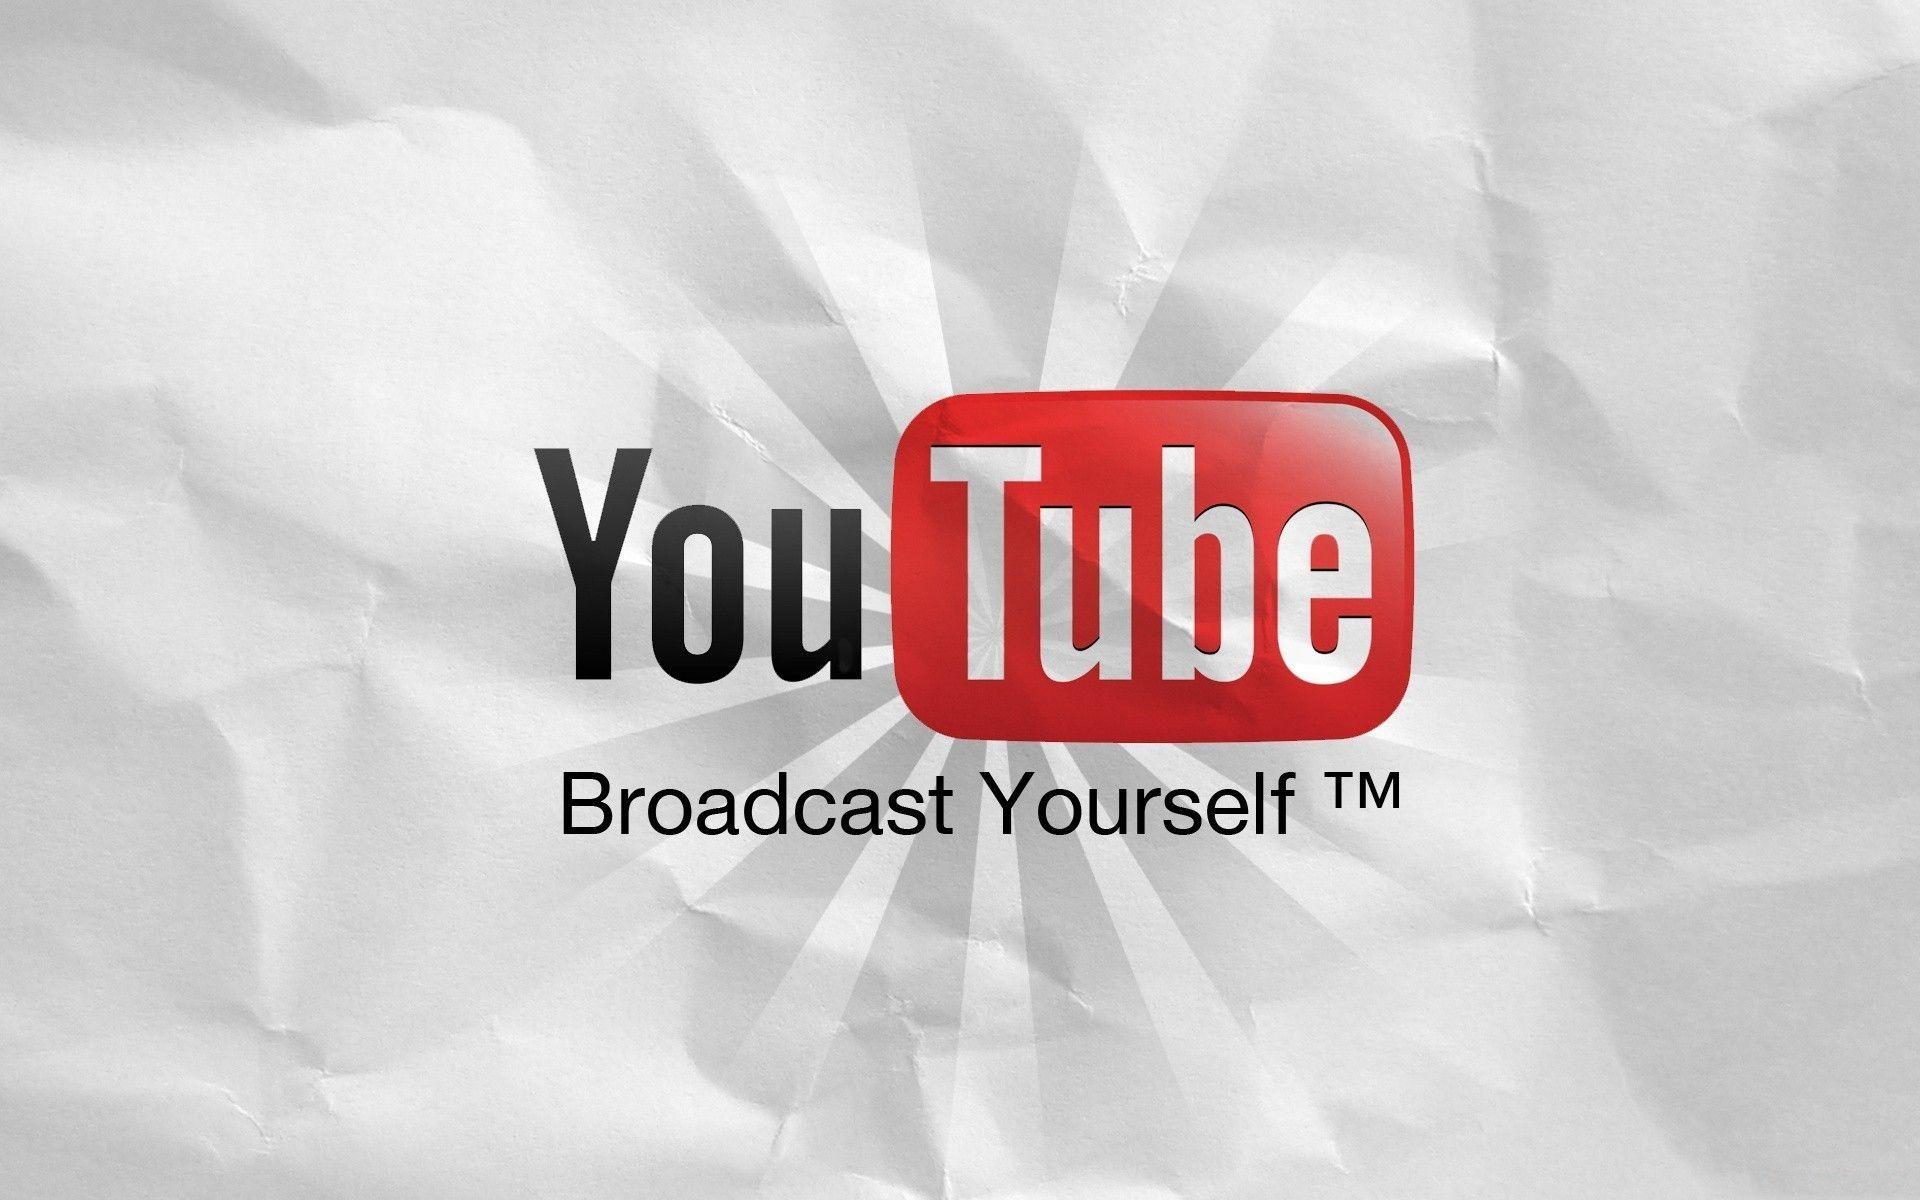 Youtube slika za desktop Youtube, Houtsnijwerk